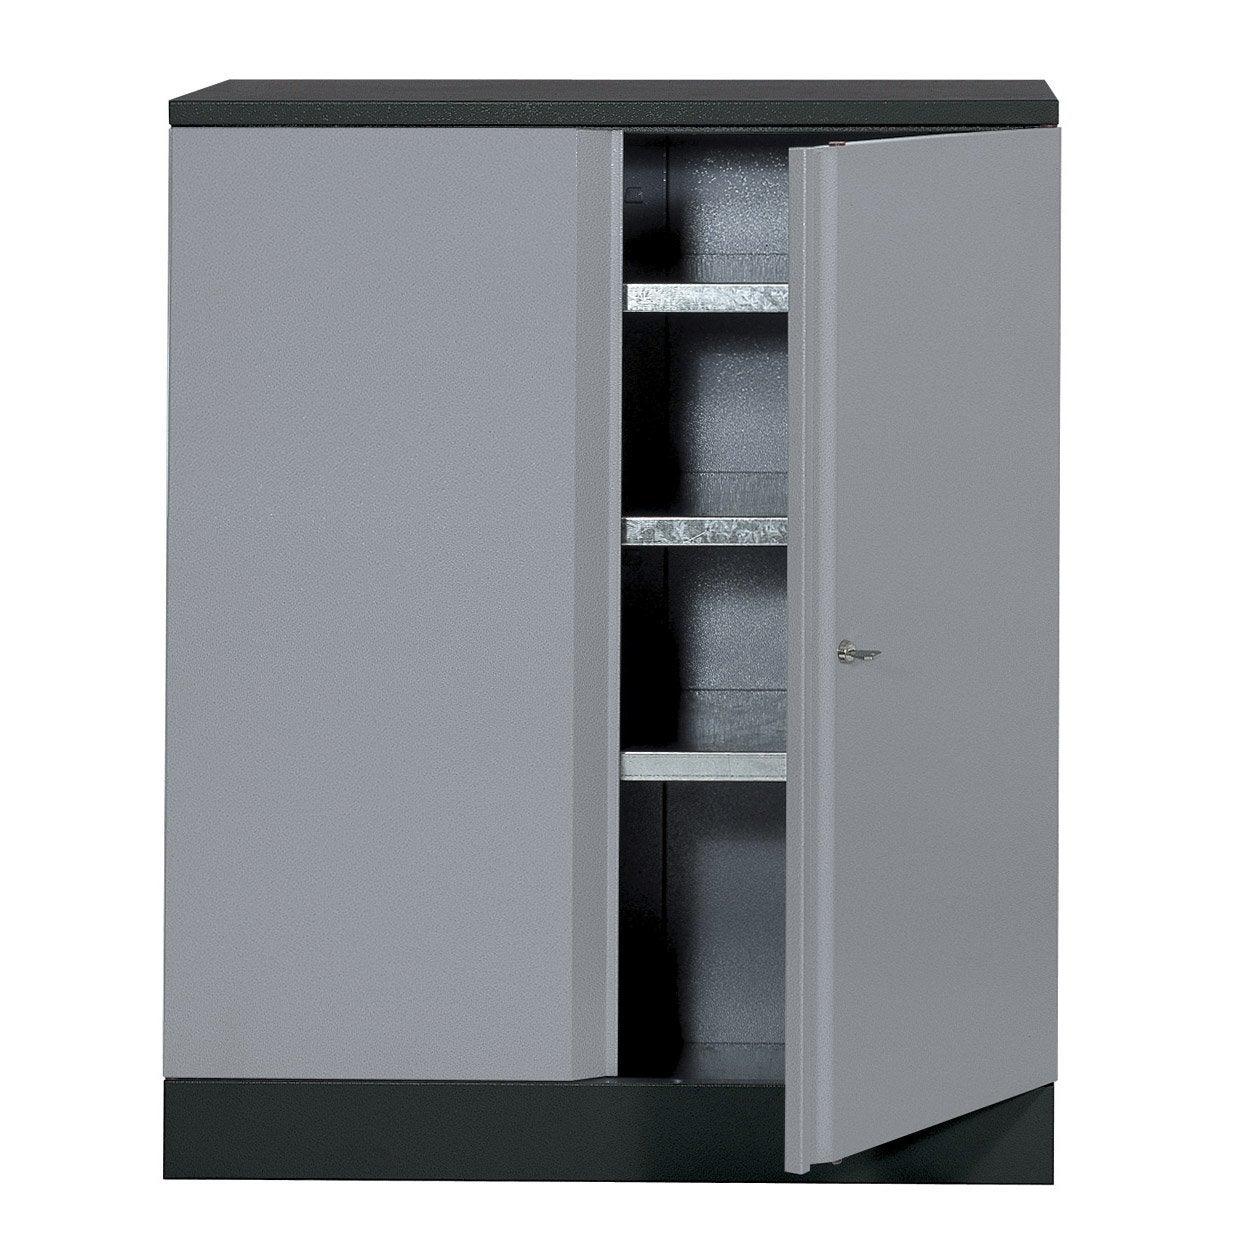 armoire de rangement en m tal gris clair kupper 91 cm 1 porte leroy merlin. Black Bedroom Furniture Sets. Home Design Ideas